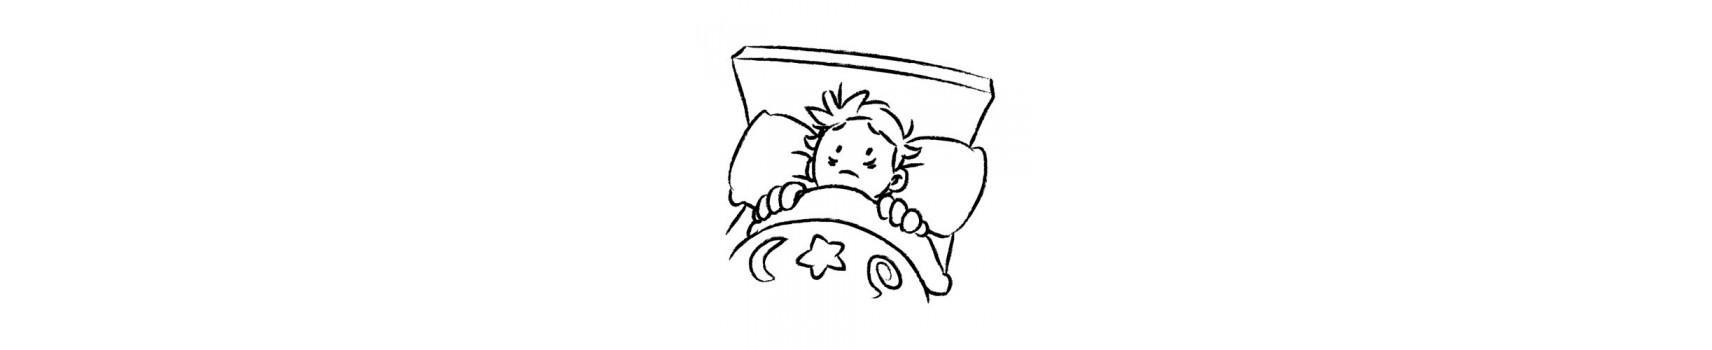 Sueño-relajación